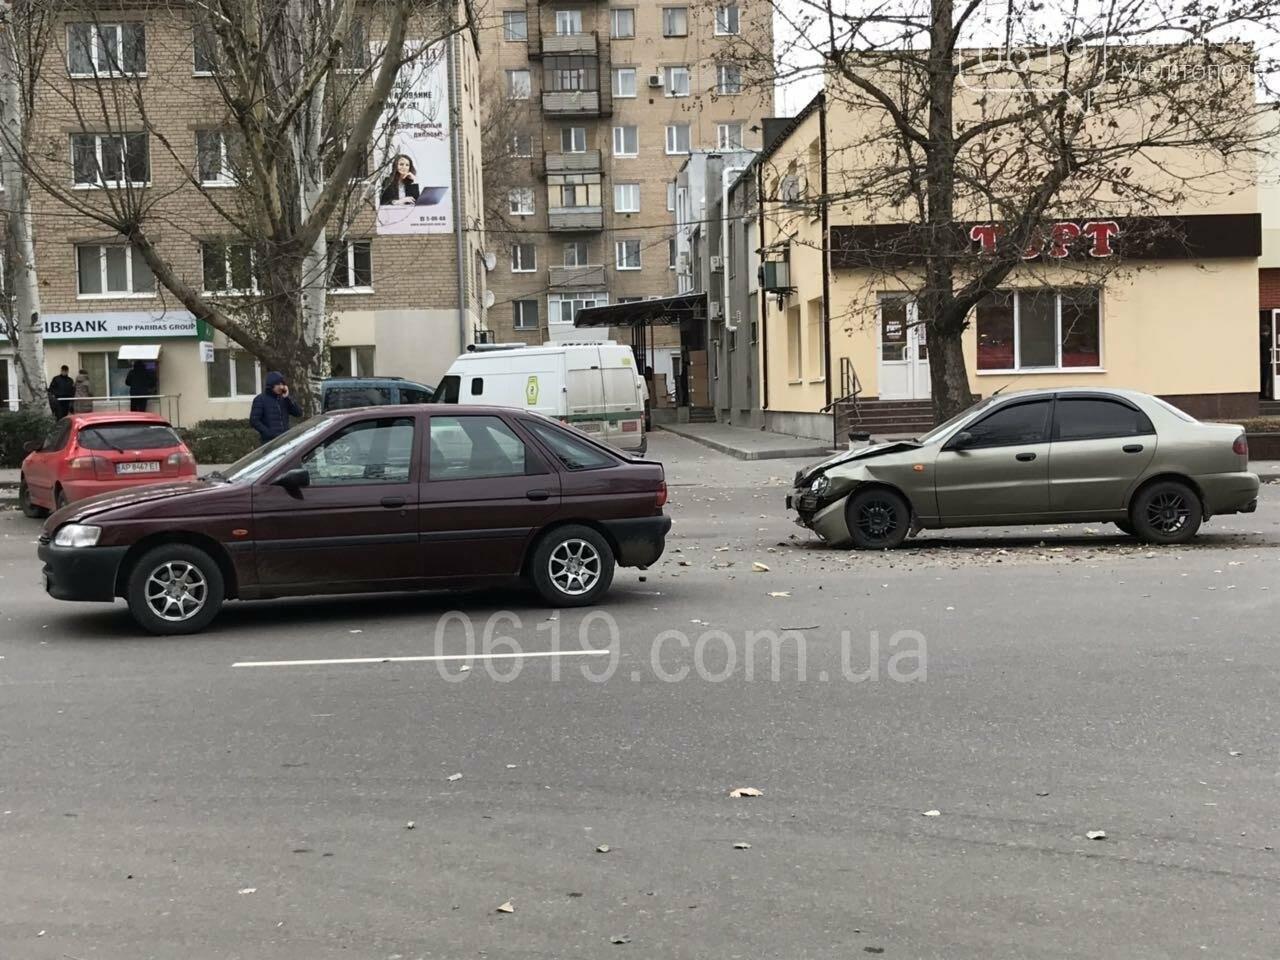 В Мелитополе Daewoo догнал Ford, - ФОТО, фото-1